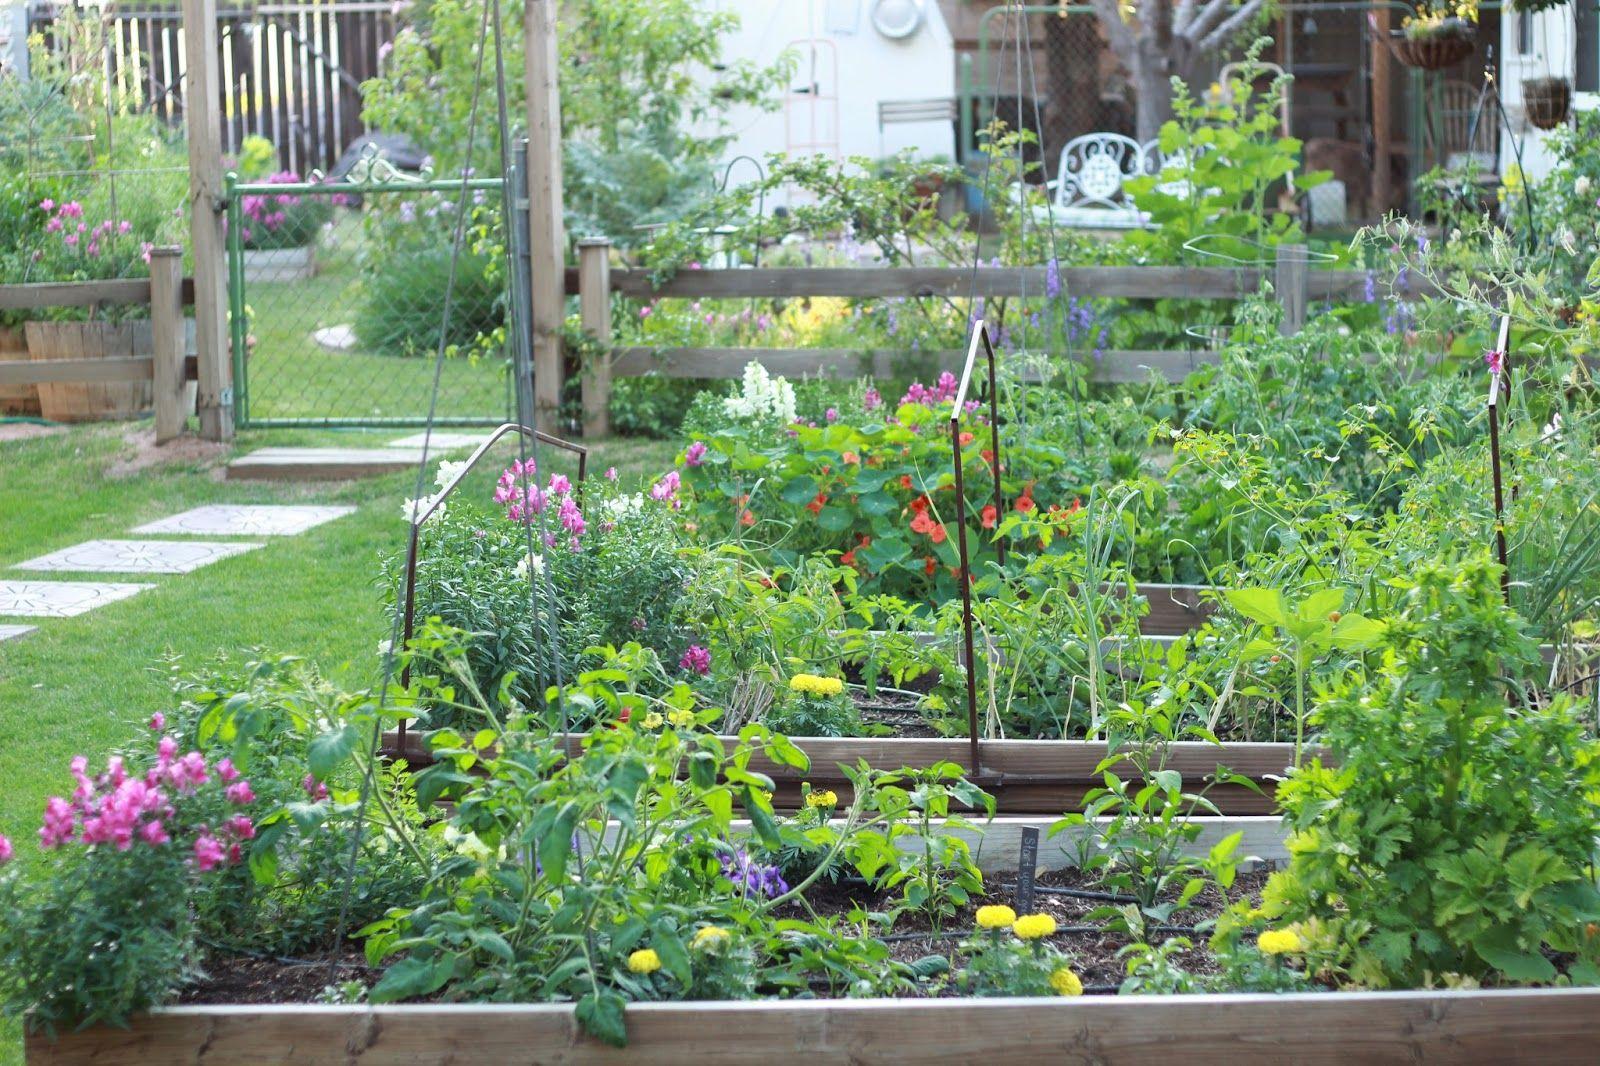 The Arcadia Edible Garden Tour Photos | Edible garden ... on Arcadia Backyard Designs id=46776